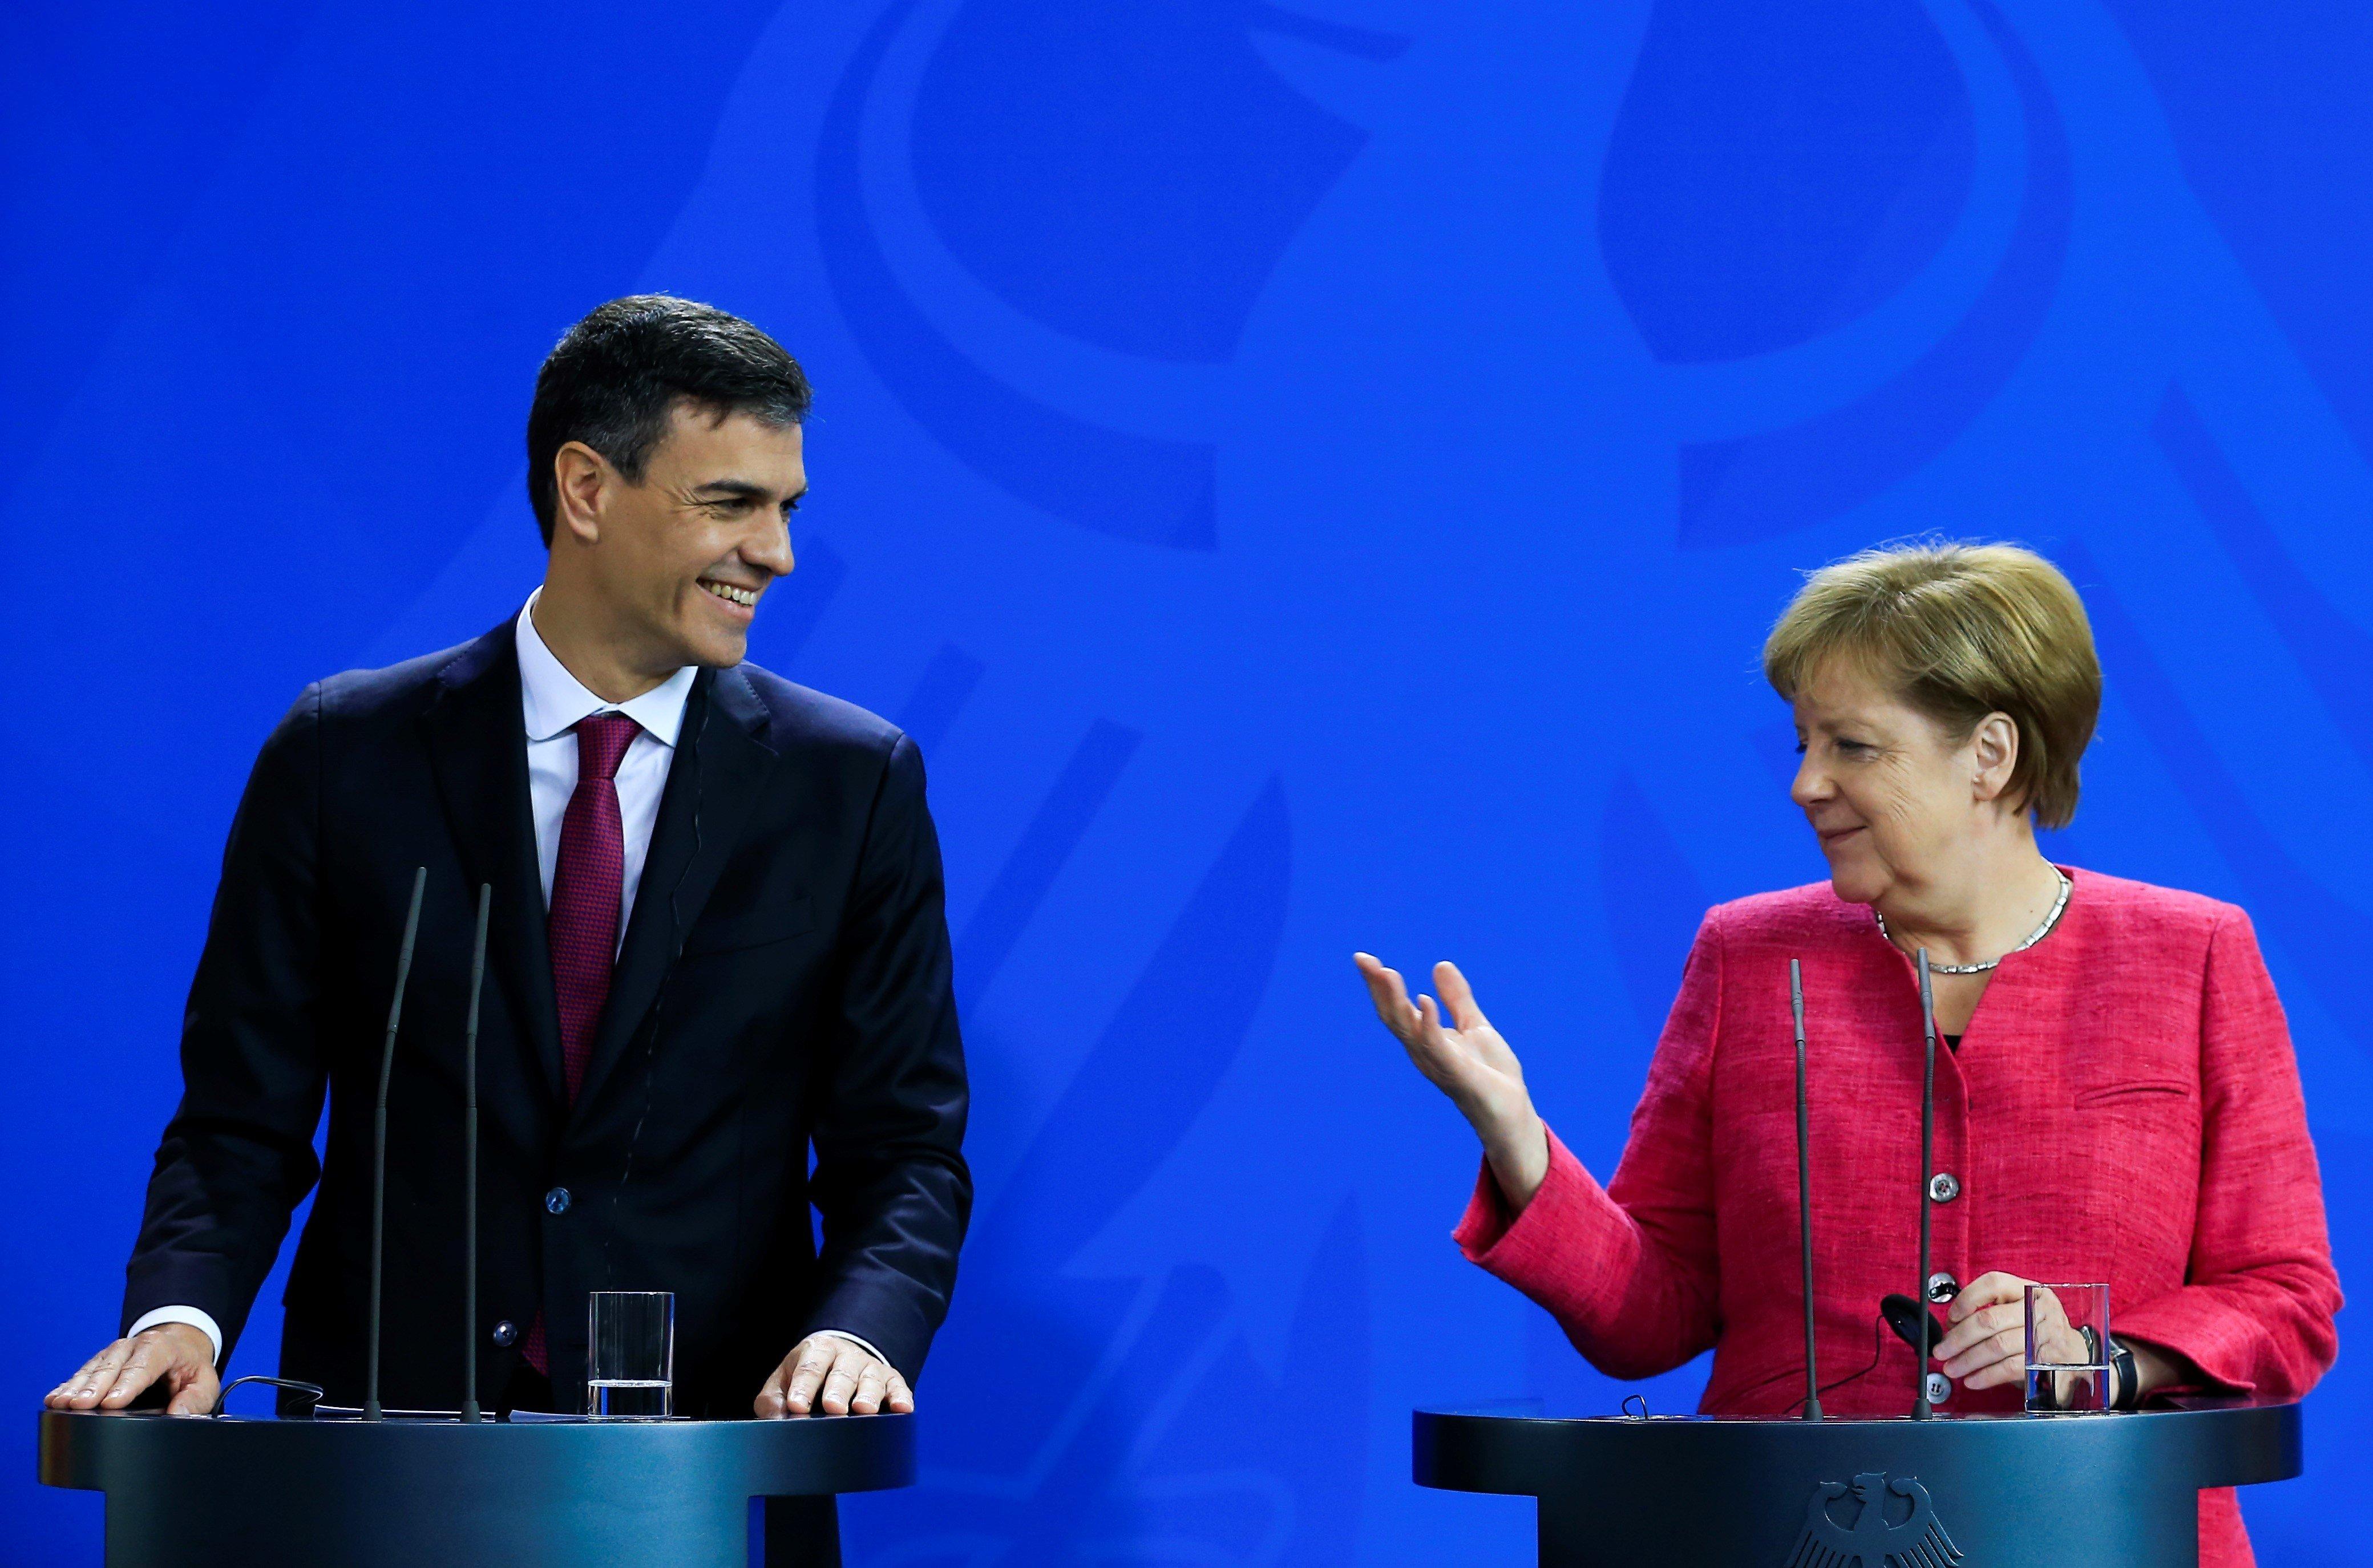 Μικρό καλάθι για τη Σύνοδο Κορυφής. Δεν αναμένει συμφωνία για το μεταναστευτικό η